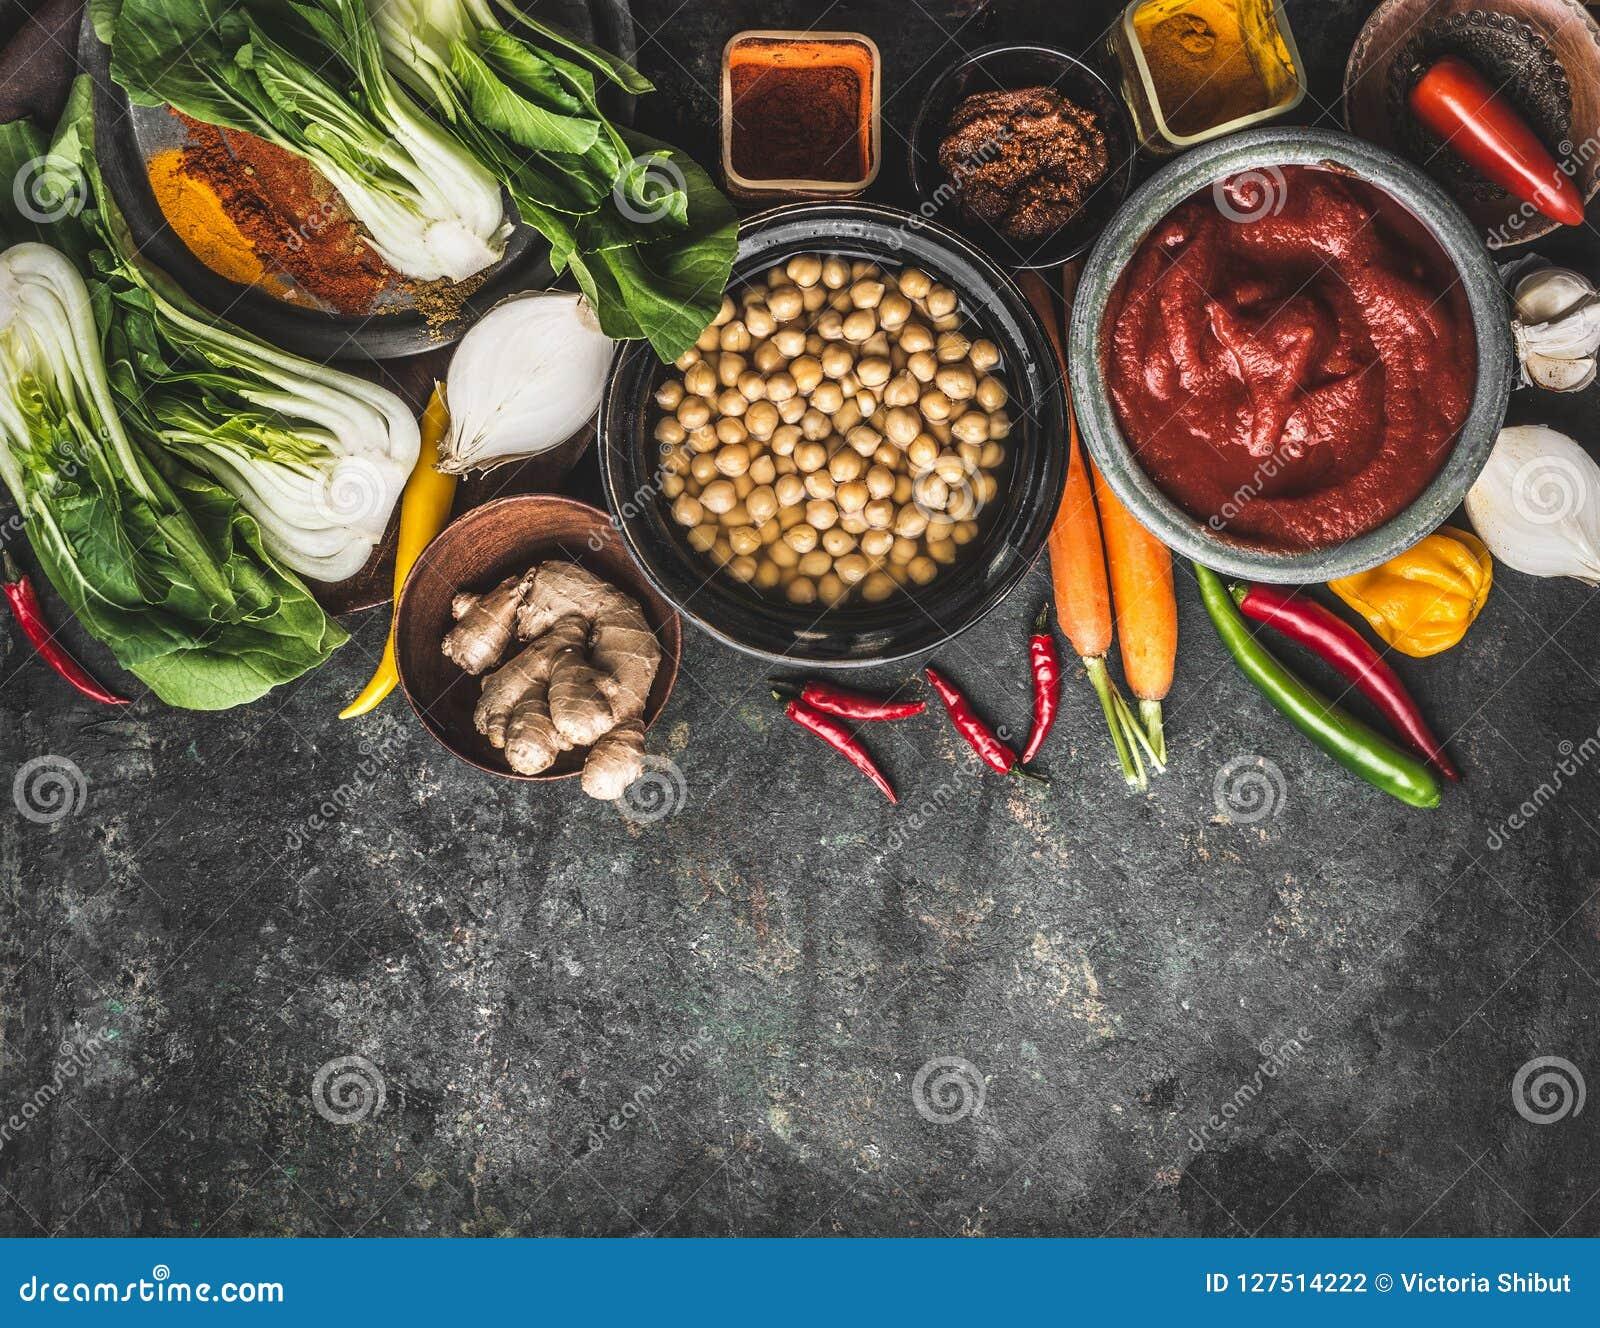 Ingredienti alimentari del vegetariano e del vegano: ceci, erbe, spezie, zenzero e cavolo cinese su fondo rustico, vista superior